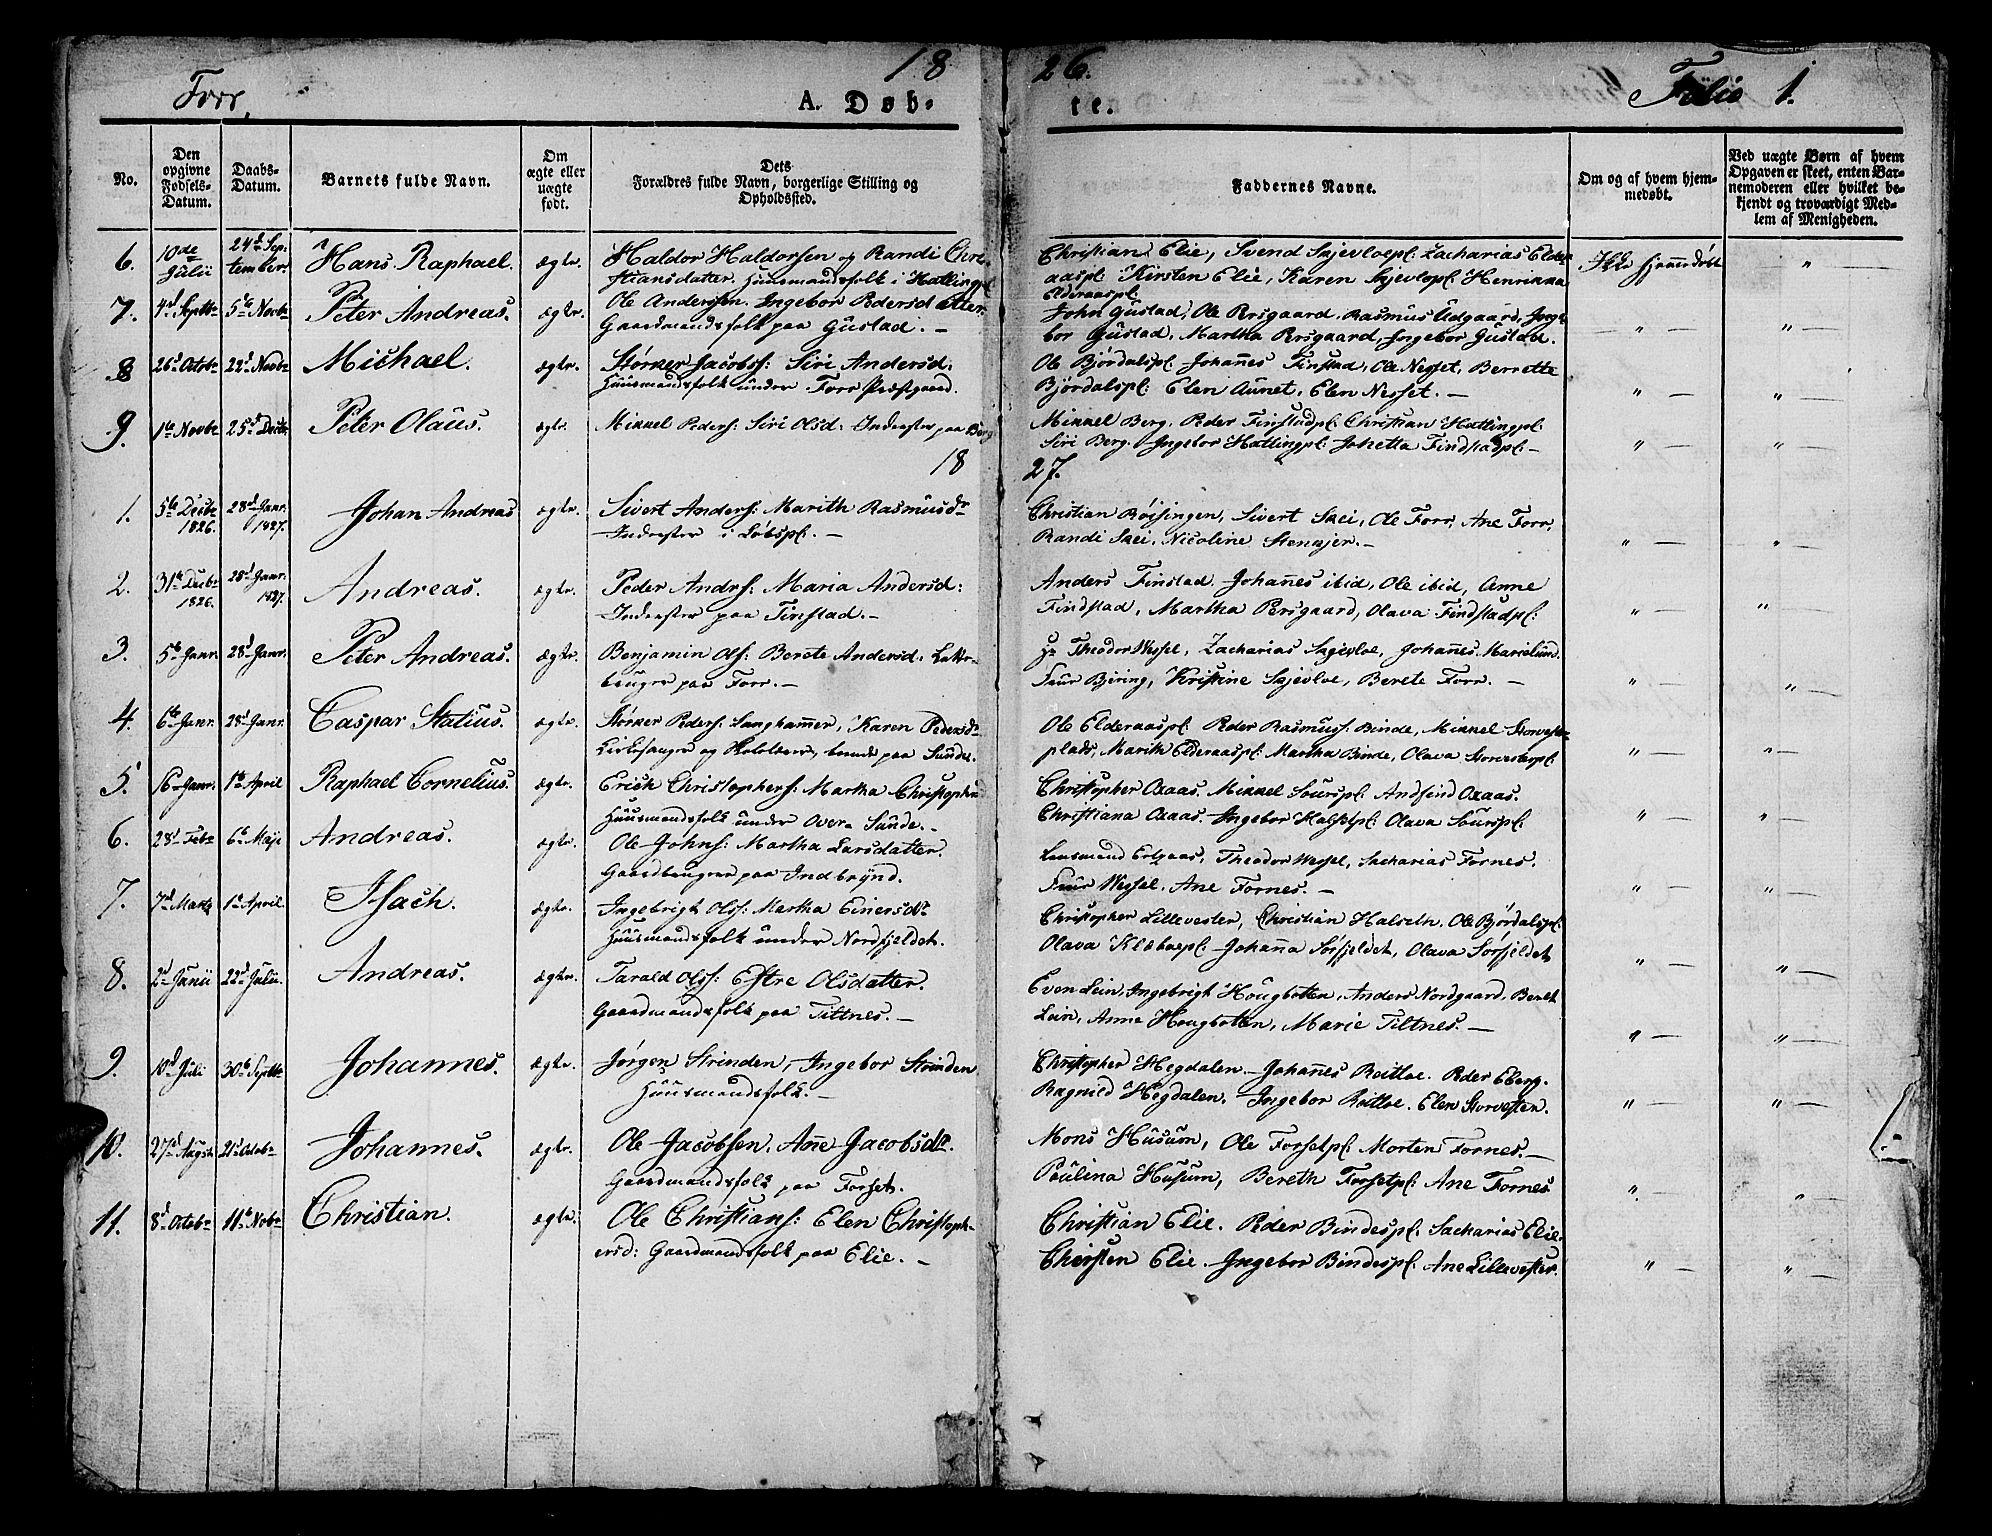 SAT, Ministerialprotokoller, klokkerbøker og fødselsregistre - Nord-Trøndelag, 746/L0445: Ministerialbok nr. 746A04, 1826-1846, s. 1